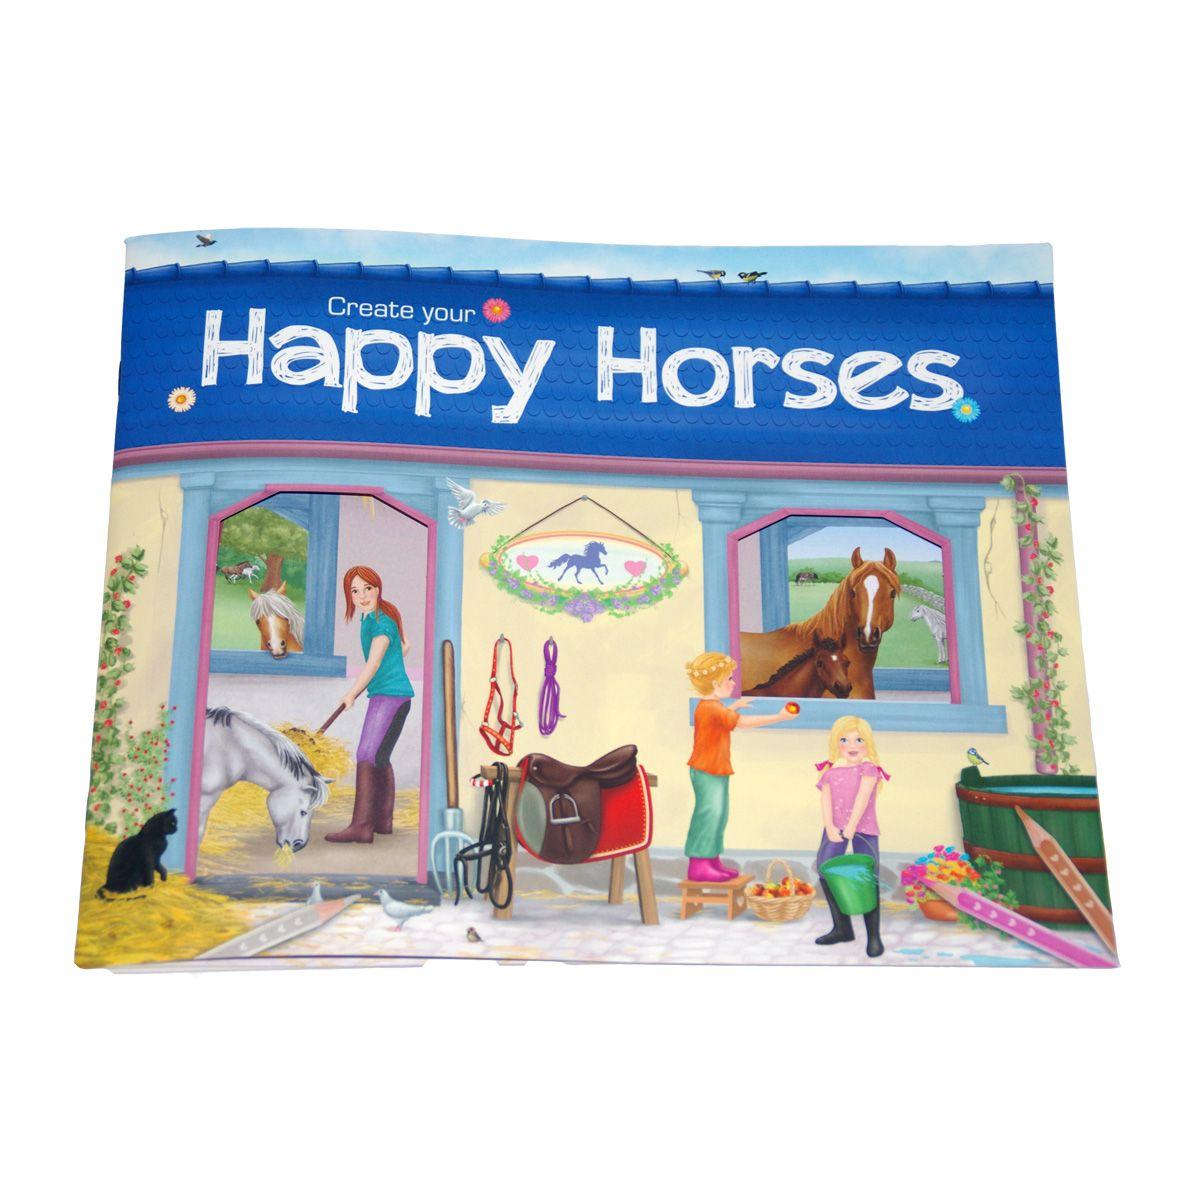 Pferdefreunde 8 Partyt/üten Papier f/ür Kindergeburtstag und Mottoparty Pferde Reiten Pony Ponyhof Kinder Geburtstag Geschenkt/üten Mitgebsel T/üten Party Geschenke